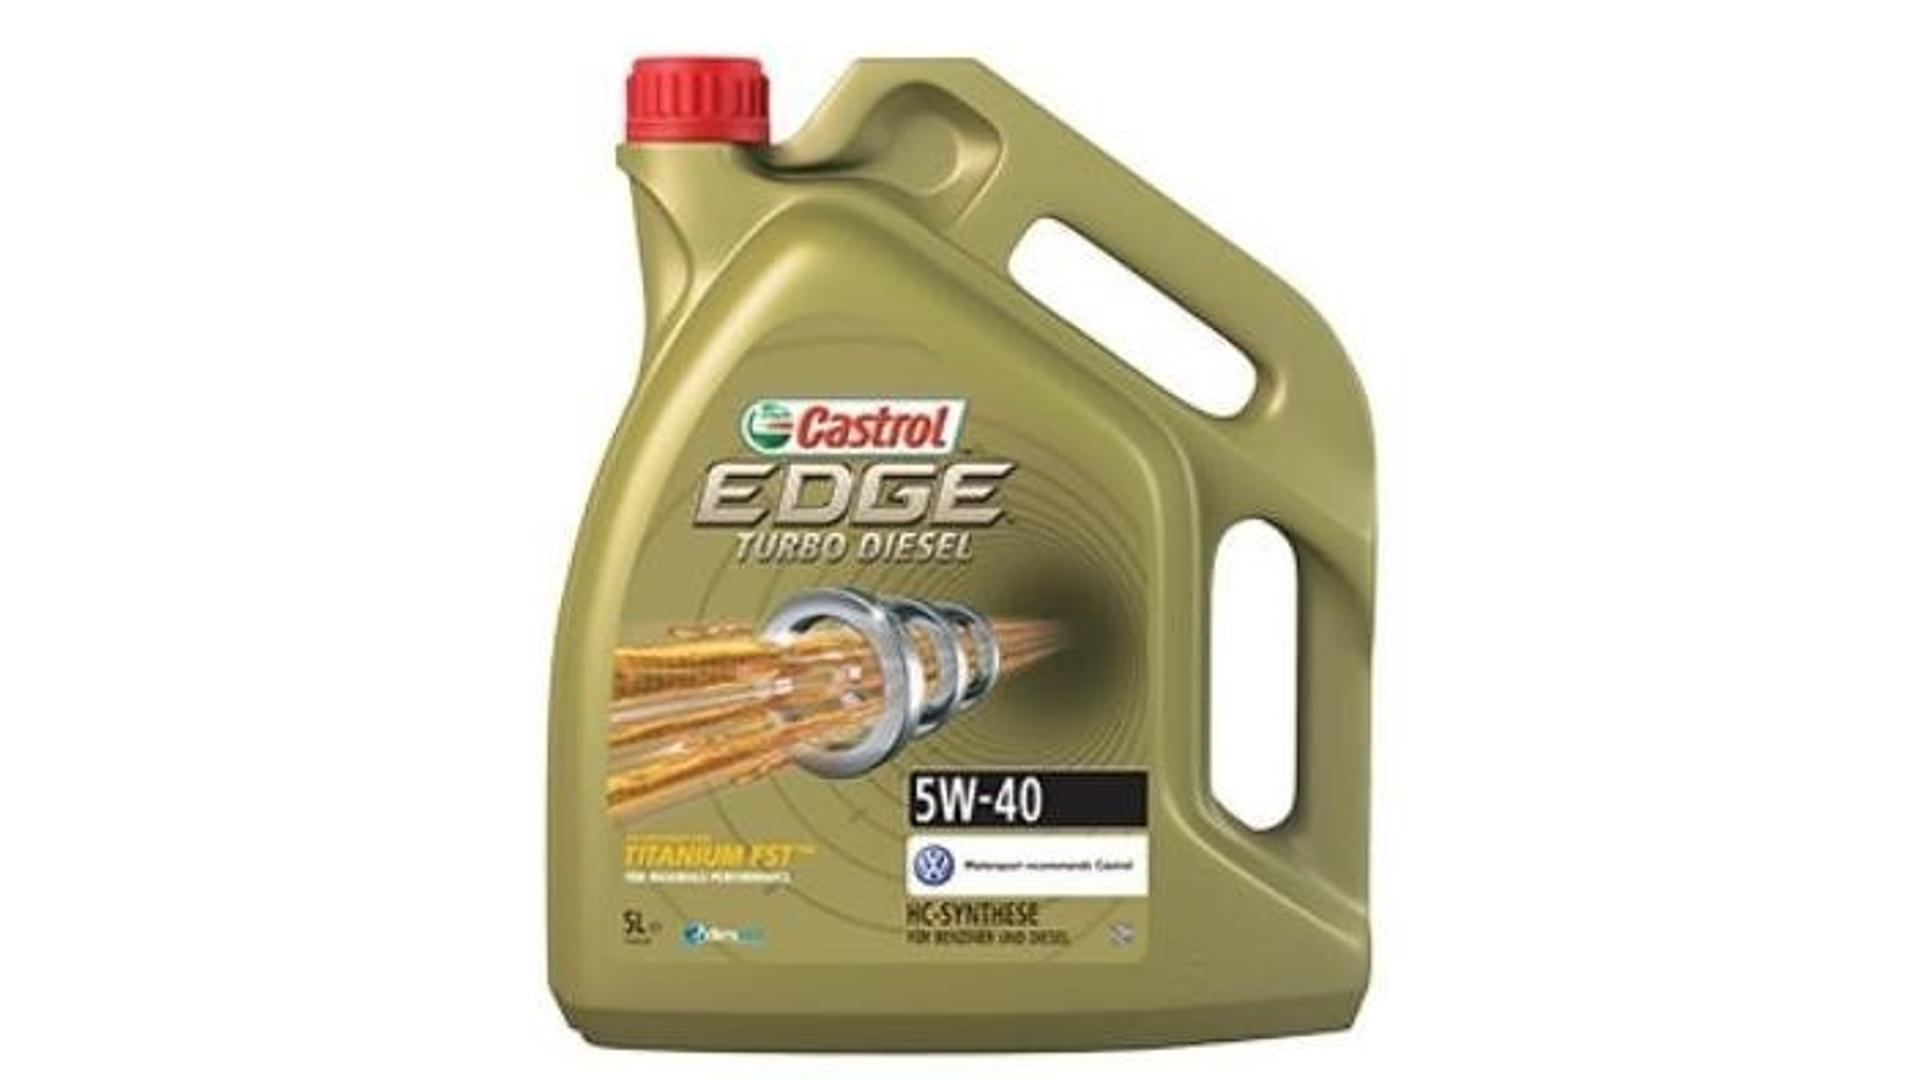 Castrol Edge TD Titanium 5W40 5L